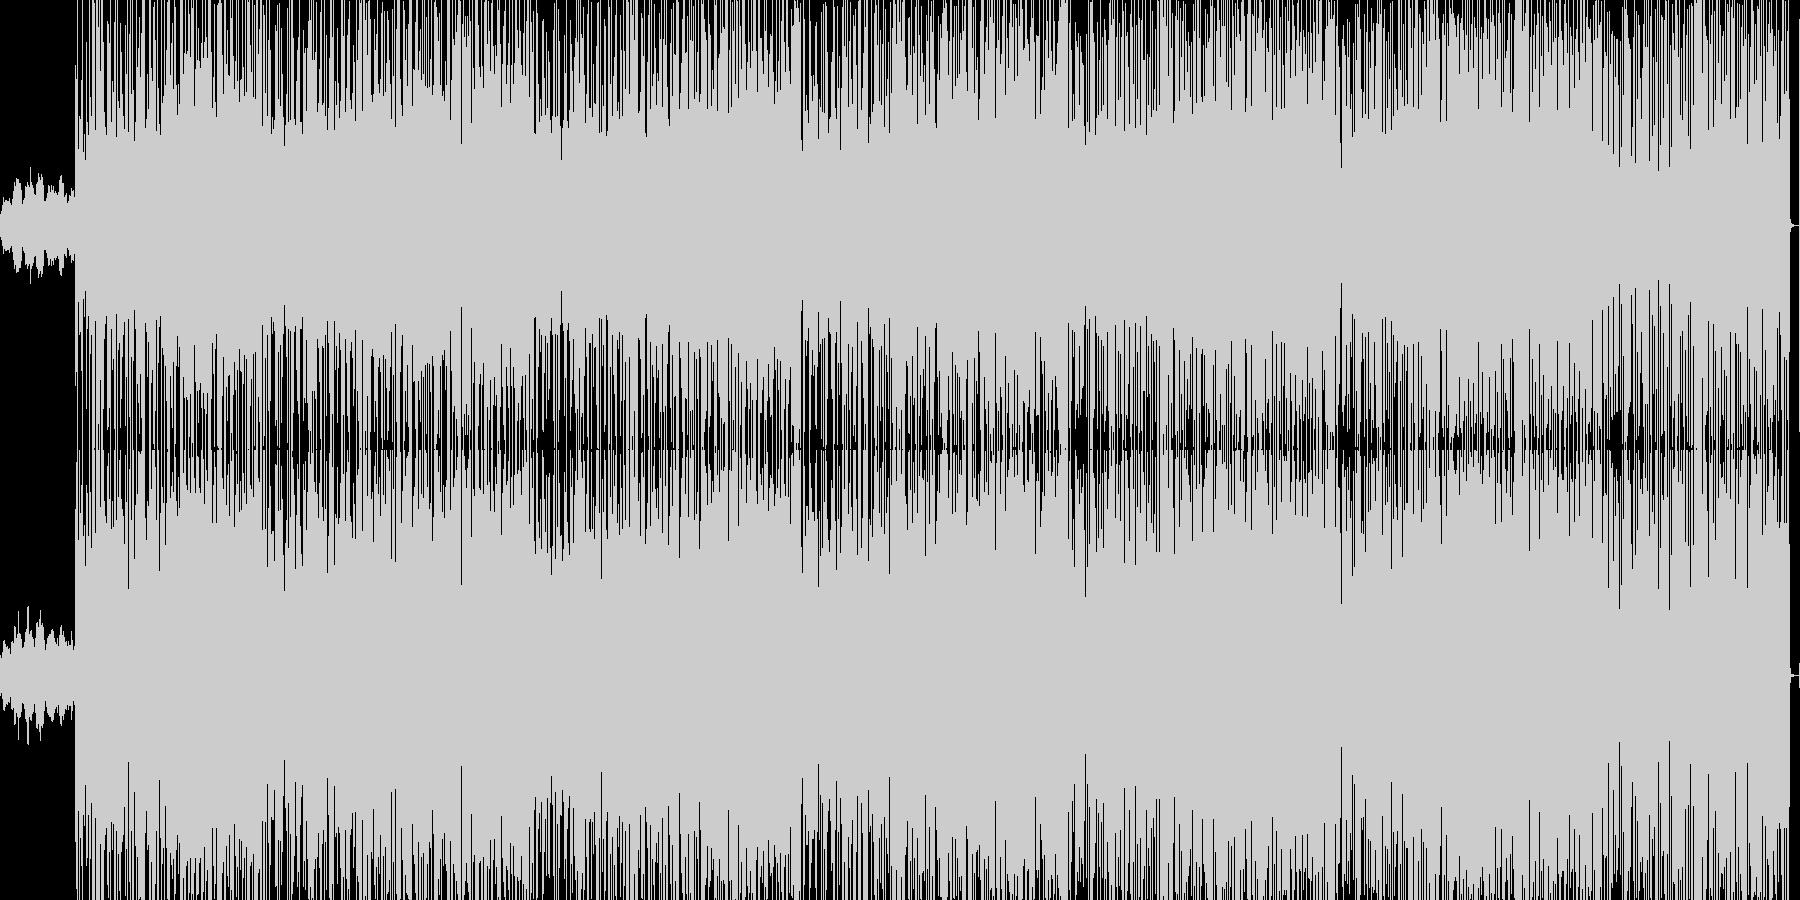 ジャズ系ドラミンベーストラックの未再生の波形